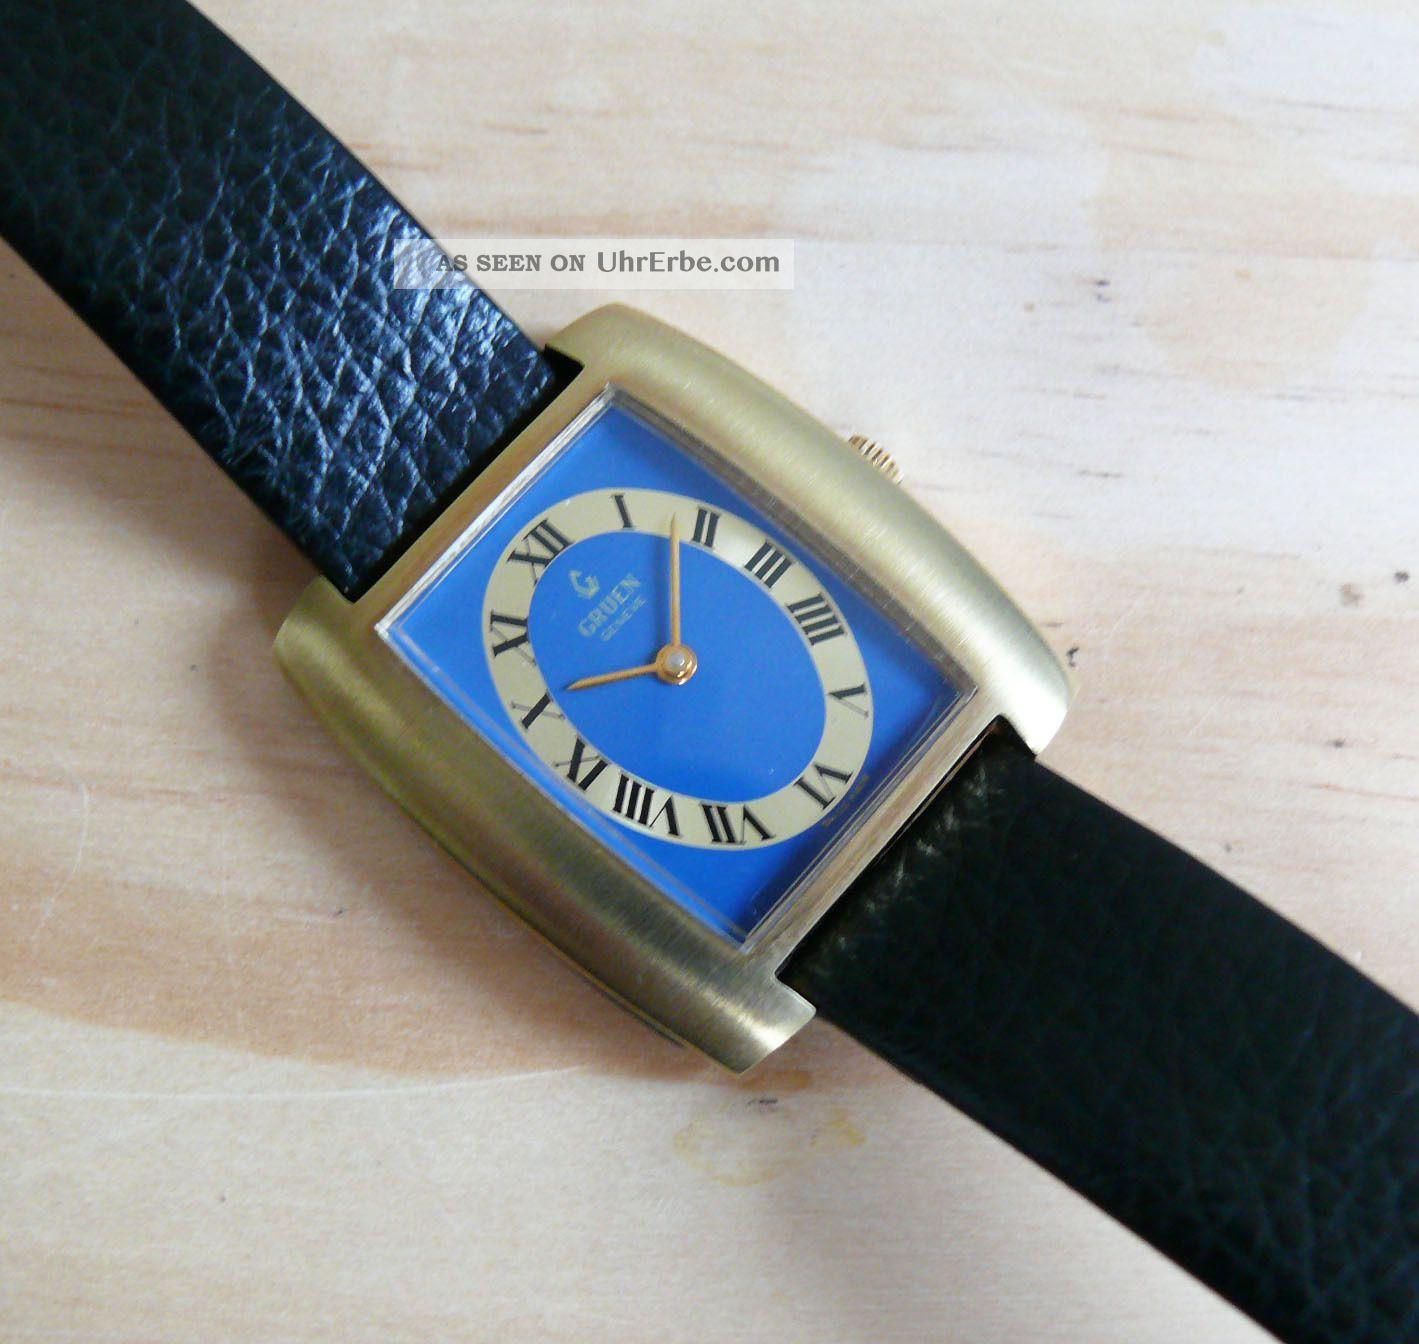 Gruen - Genf Swiss Made Ungetragene Sammlungsuhr Armbanduhren Bild